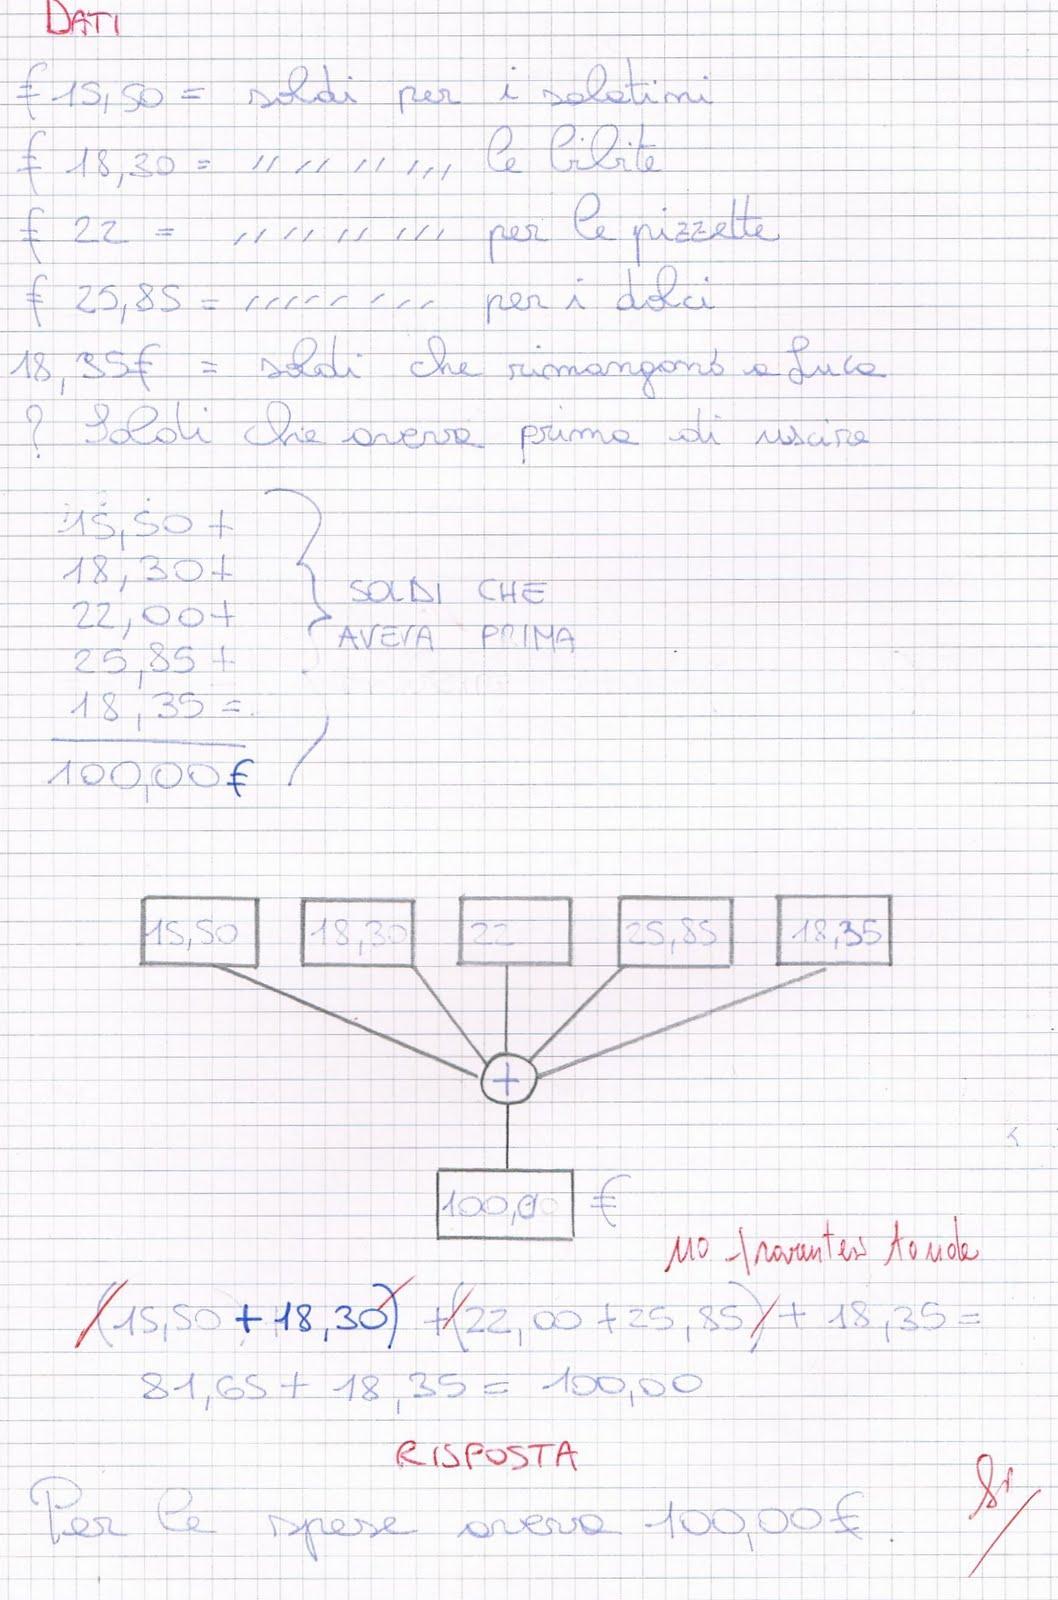 risoluzione di problemi  diagramma a blocchi  espressione